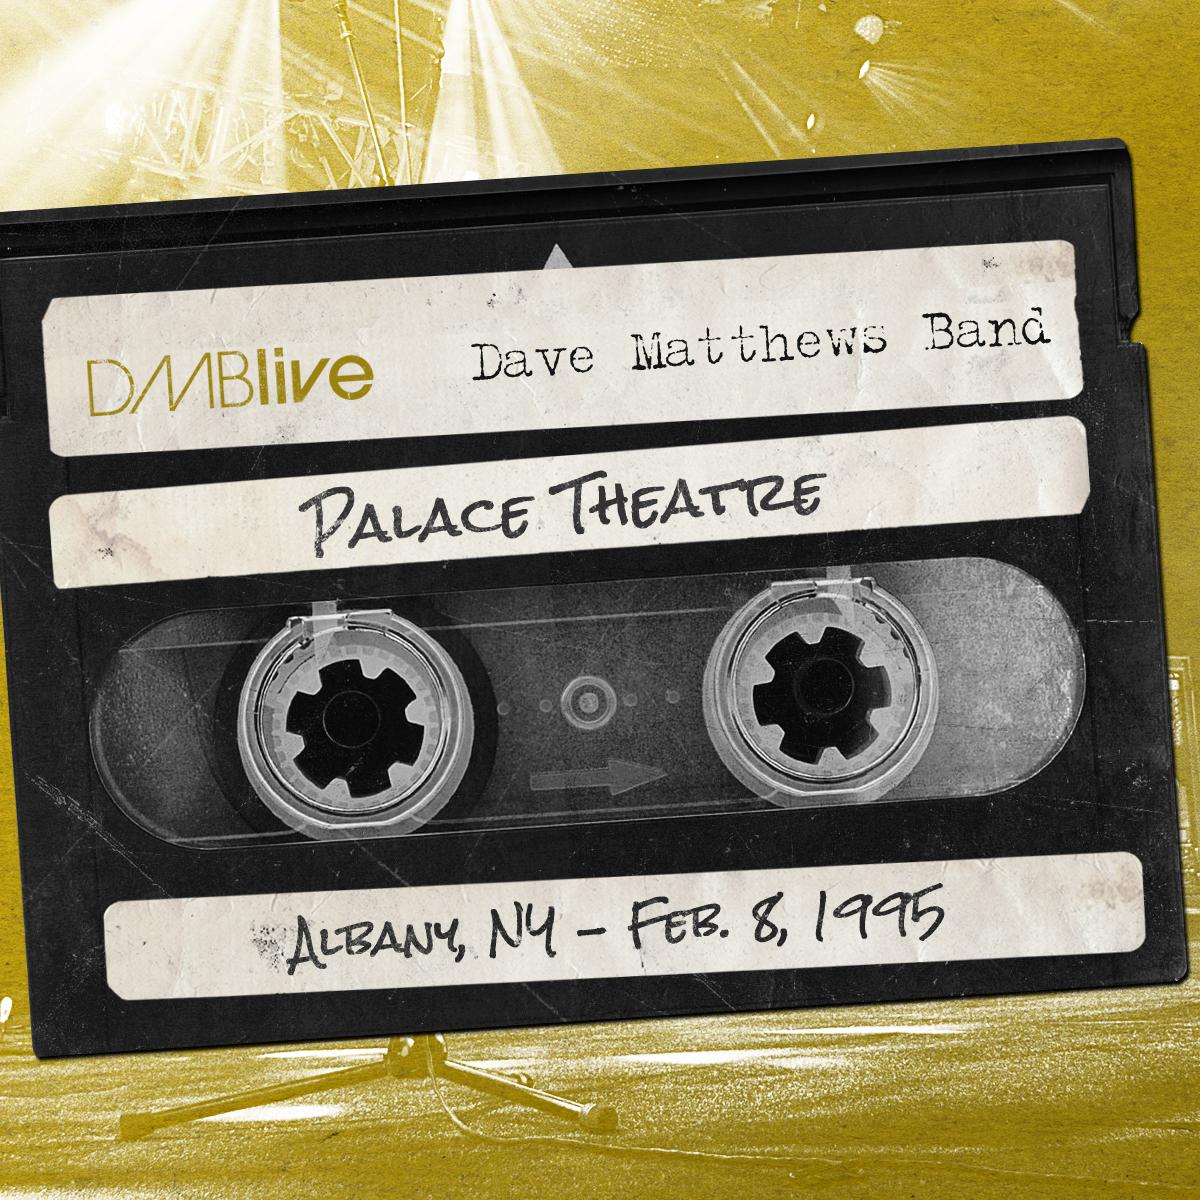 DMBLive Palace Theatre, Albany, NY 2/8/1995